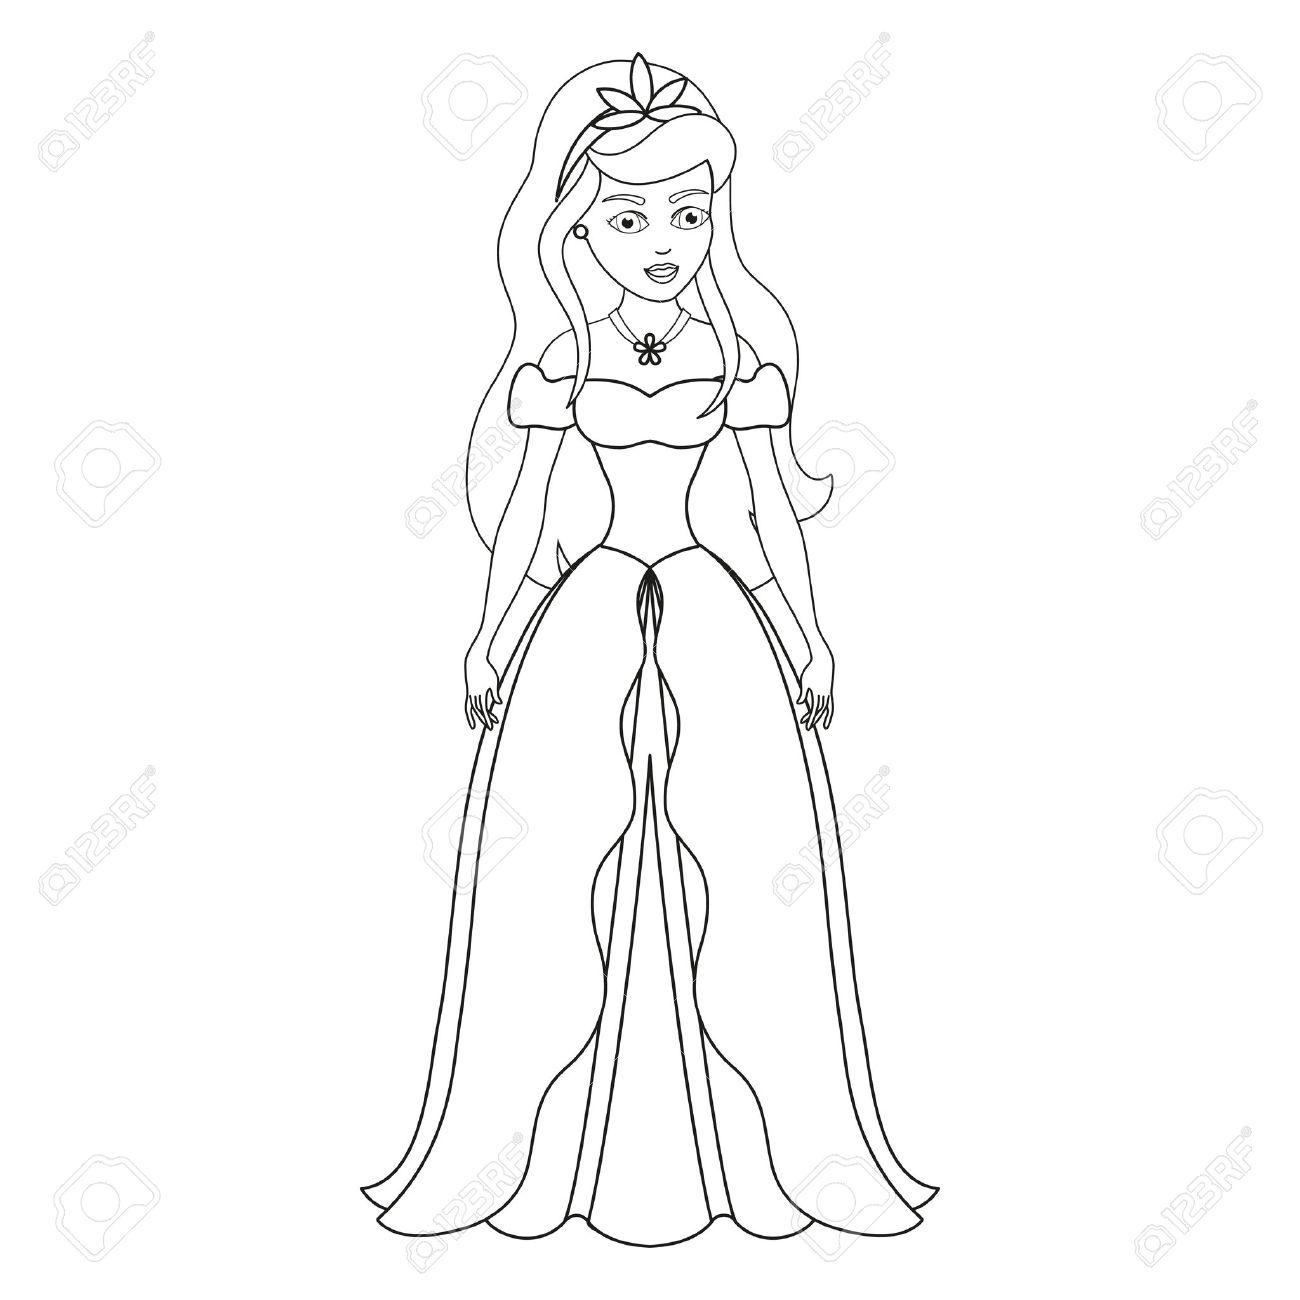 Ilustración De La Bella Princesa Página Del Libro Para Colorear Princesa Dulce Ilustración Vectorial Para Los Niños